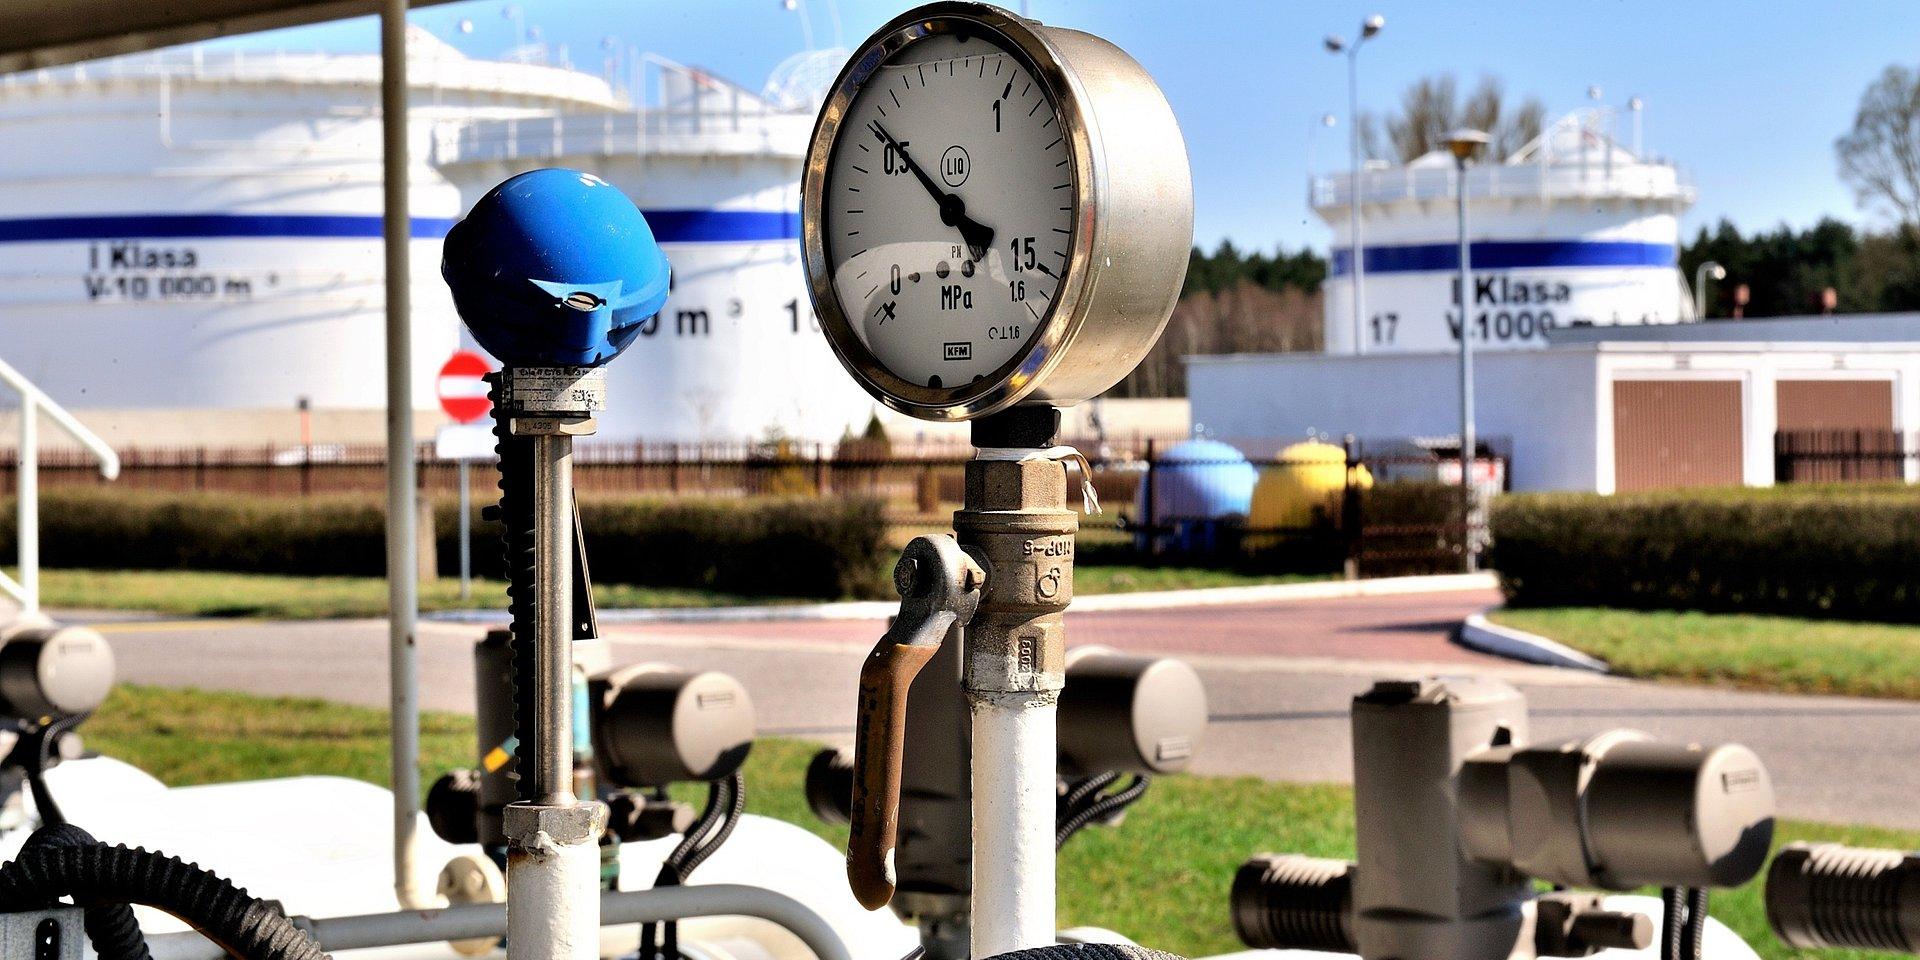 PERN konsekwentnie rozbudowuje bazy paliw